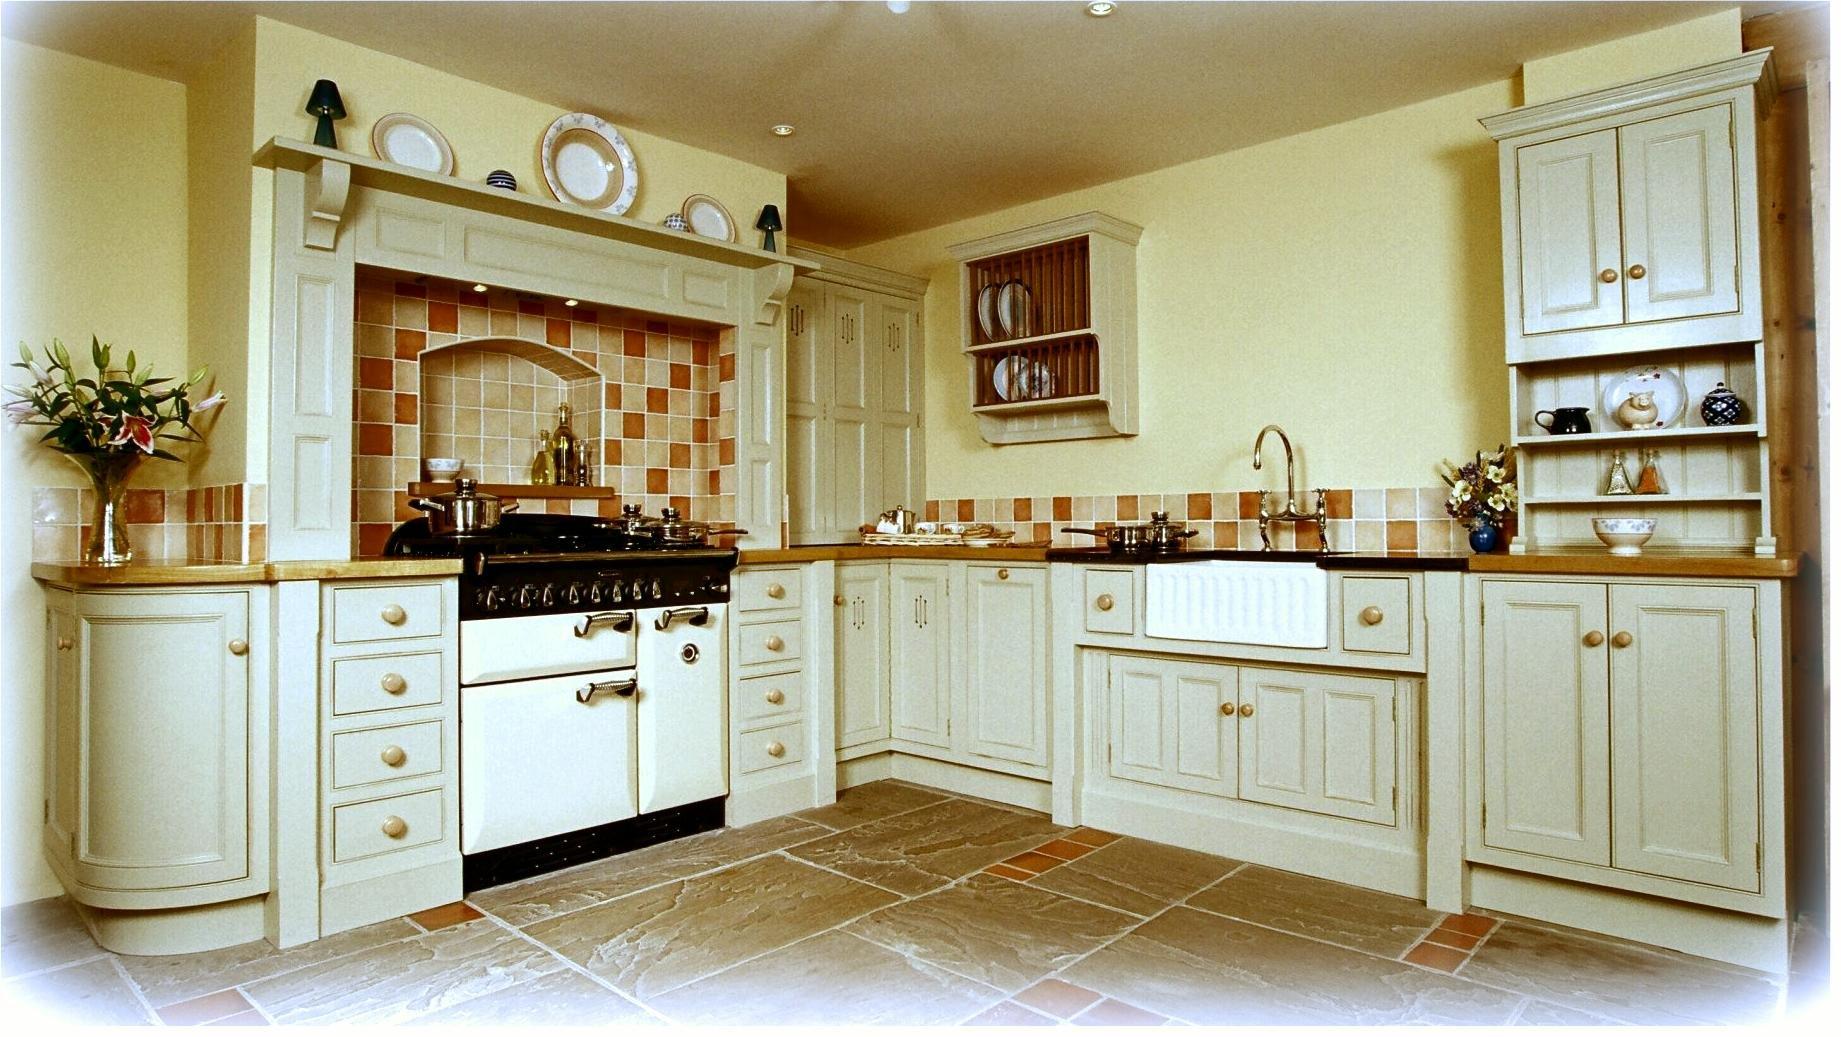 Cupcake Kitchen Decorations Cupcake Kitchen Curtains Kitchen Ideas